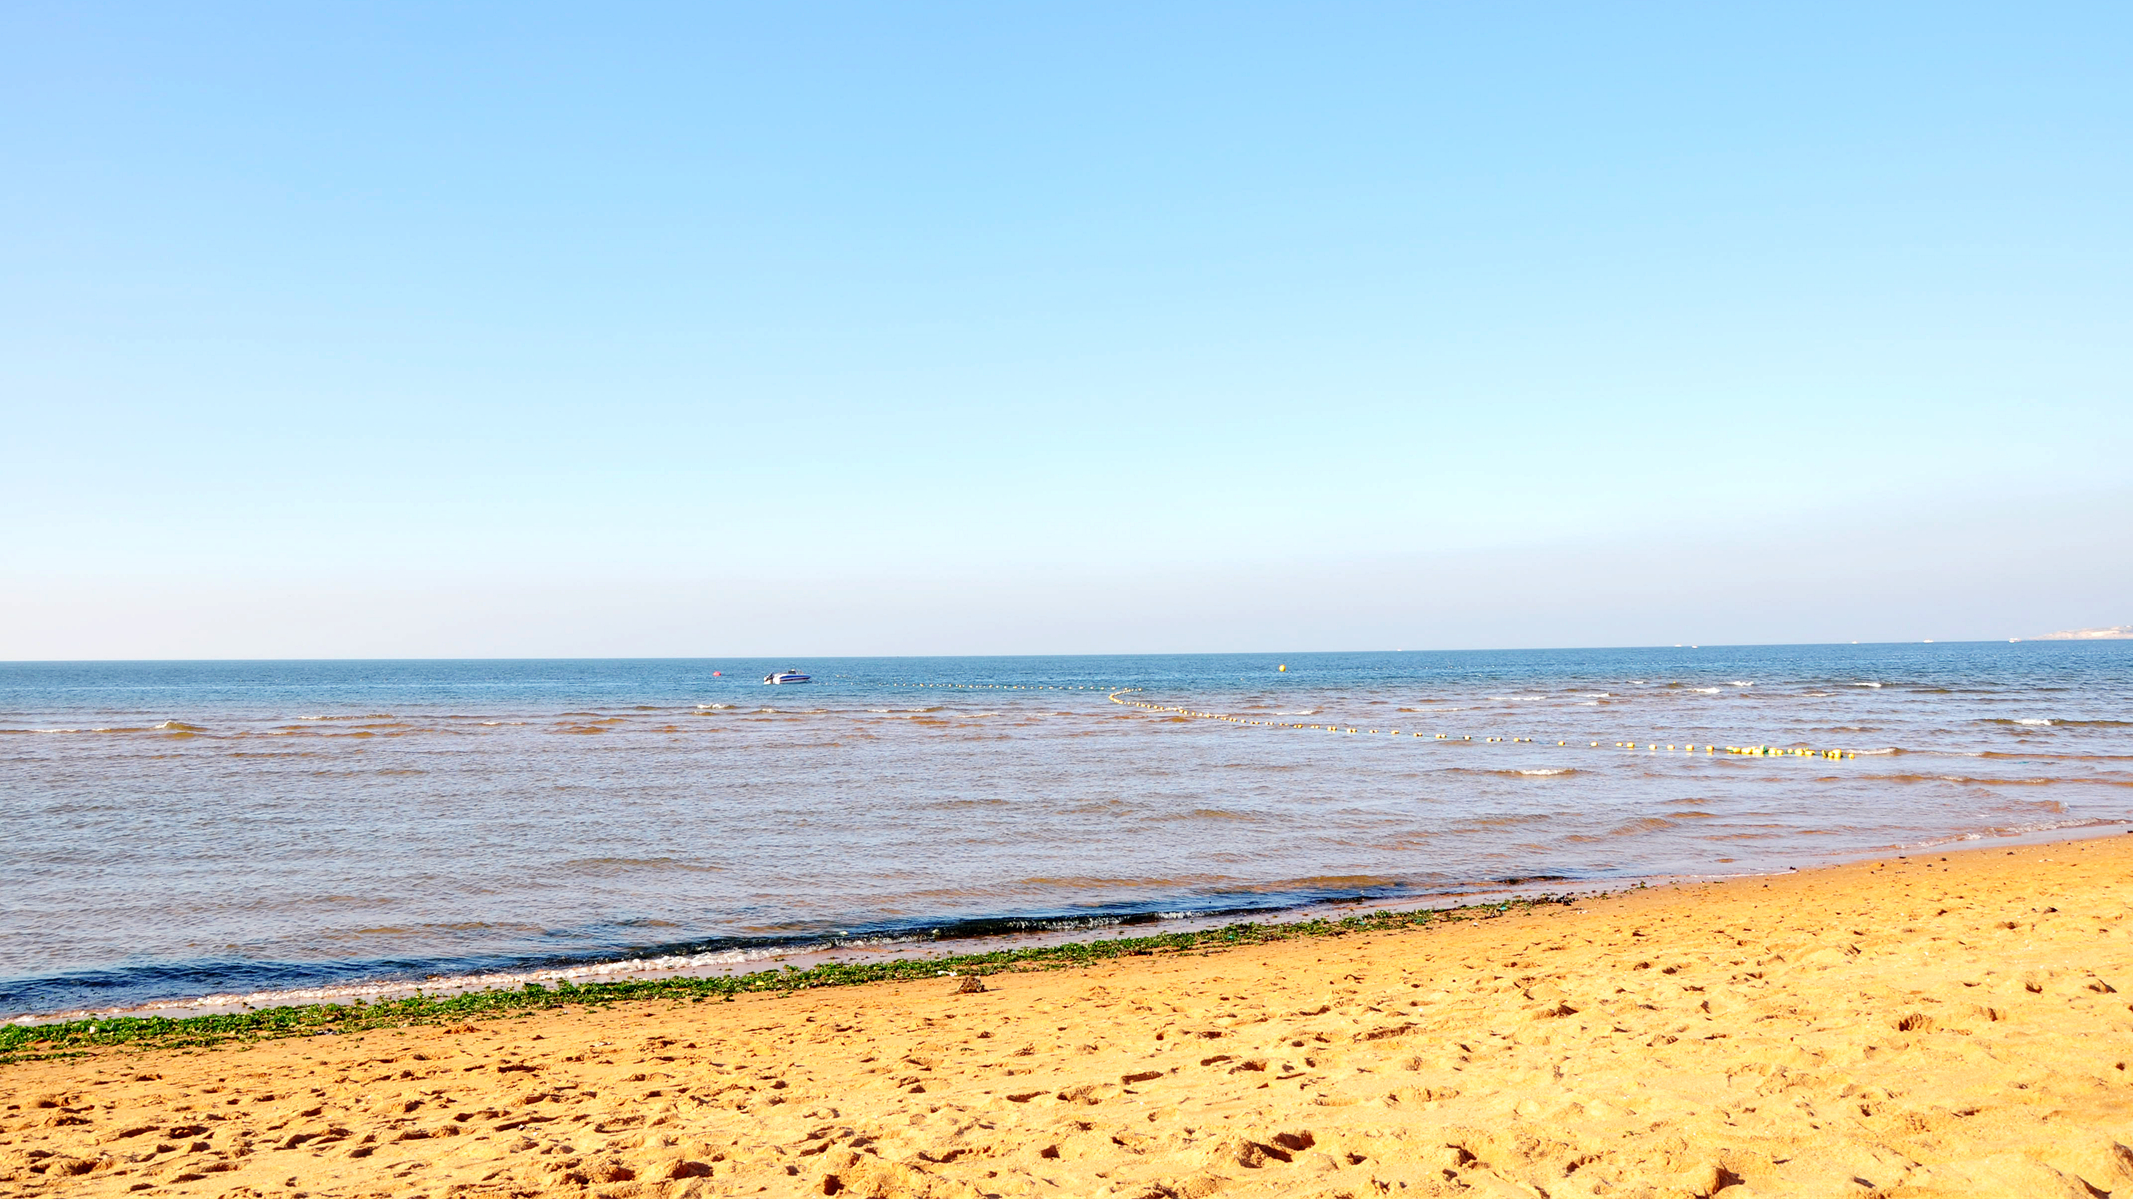 攻略 问答 结伴 周末游 口碑榜 特卖汇  烟台的金沙滩和威海的国际